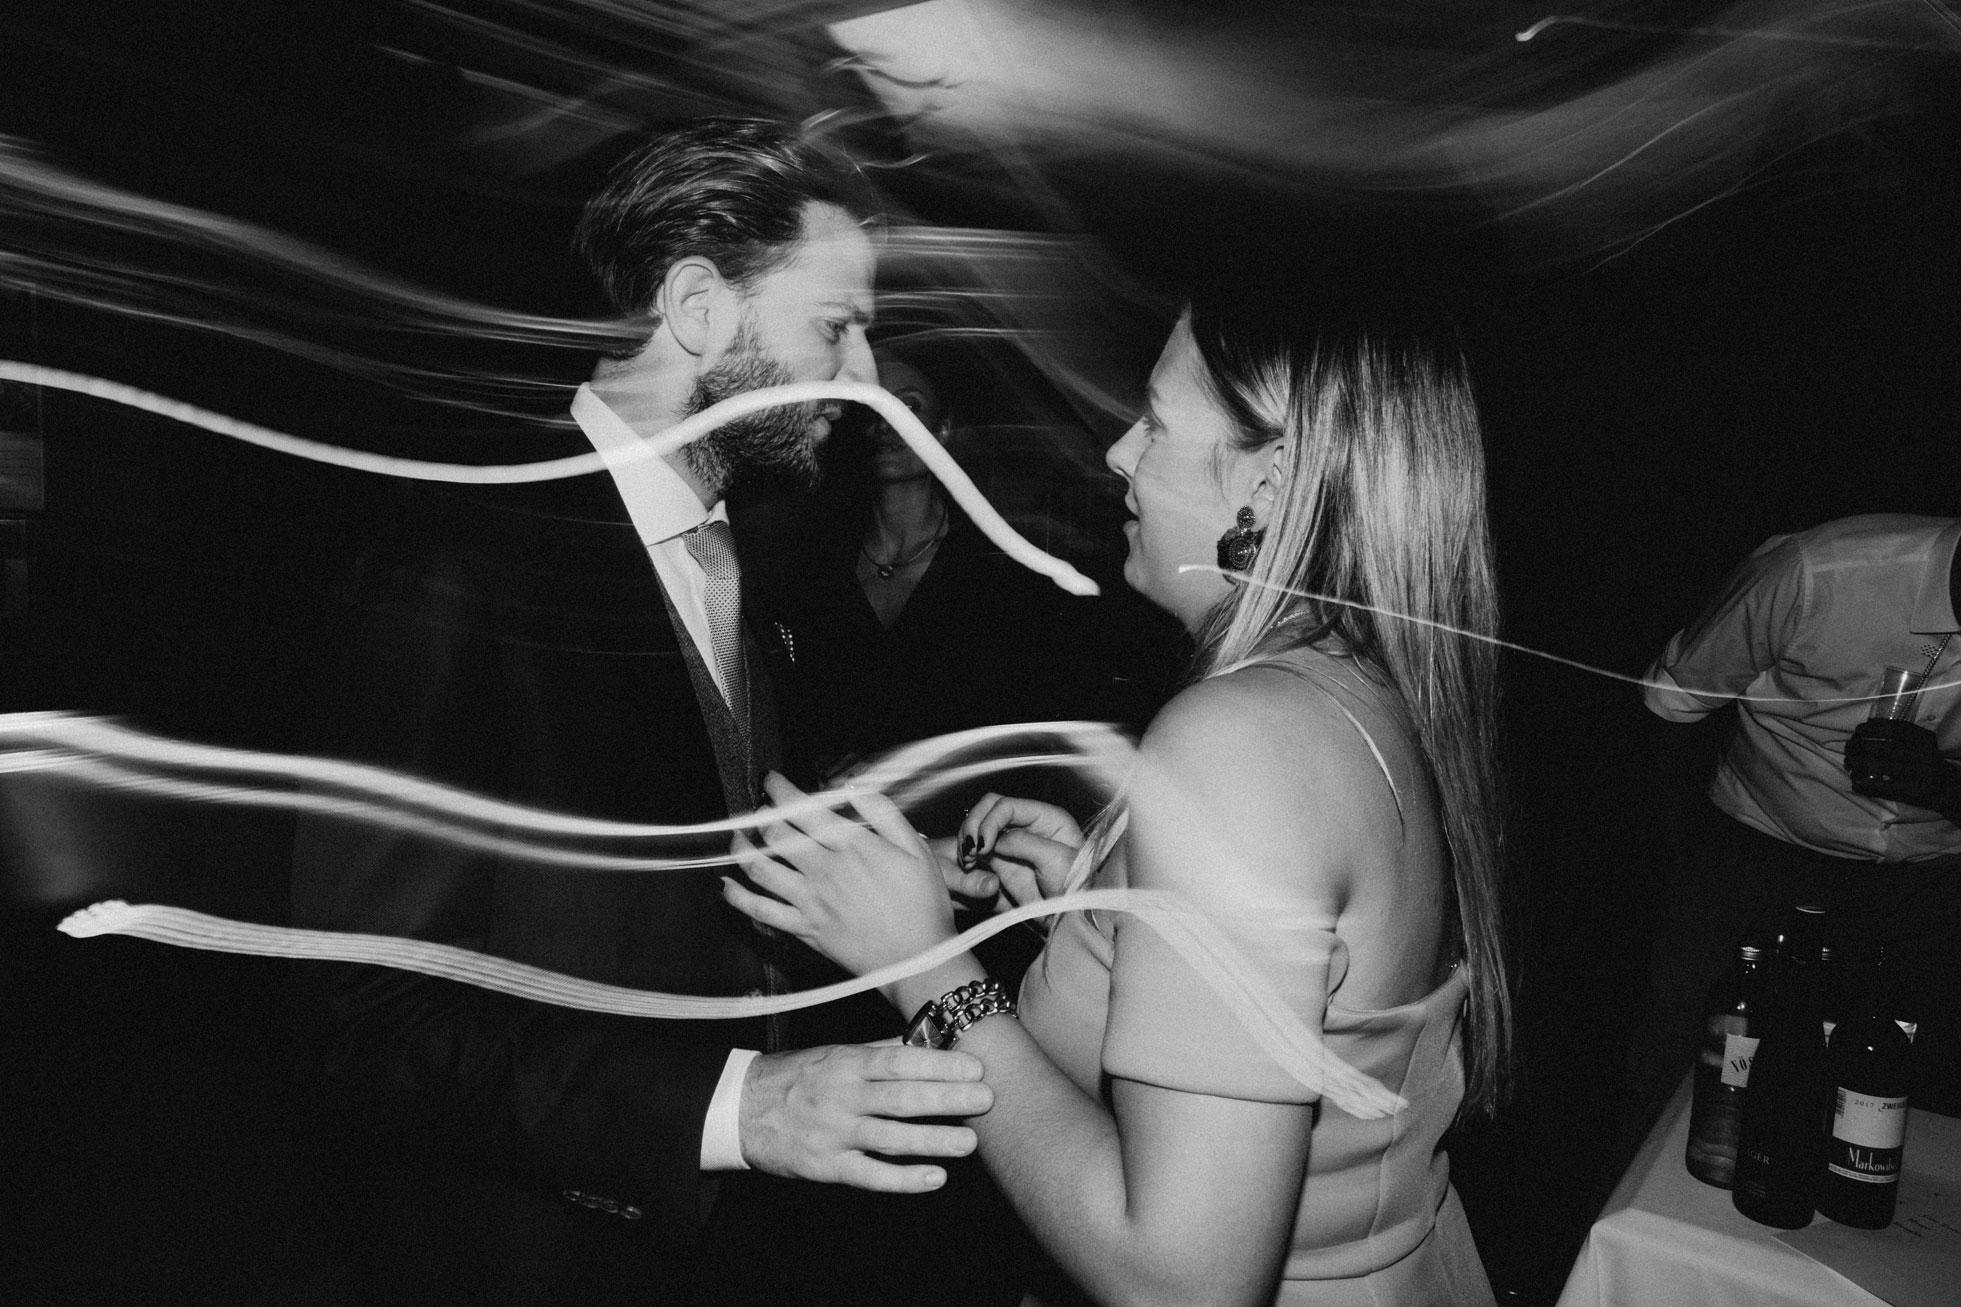 Hochzeit_Claire_Manuel_Villa_Maund_Daniel_Jenny-628.jpg